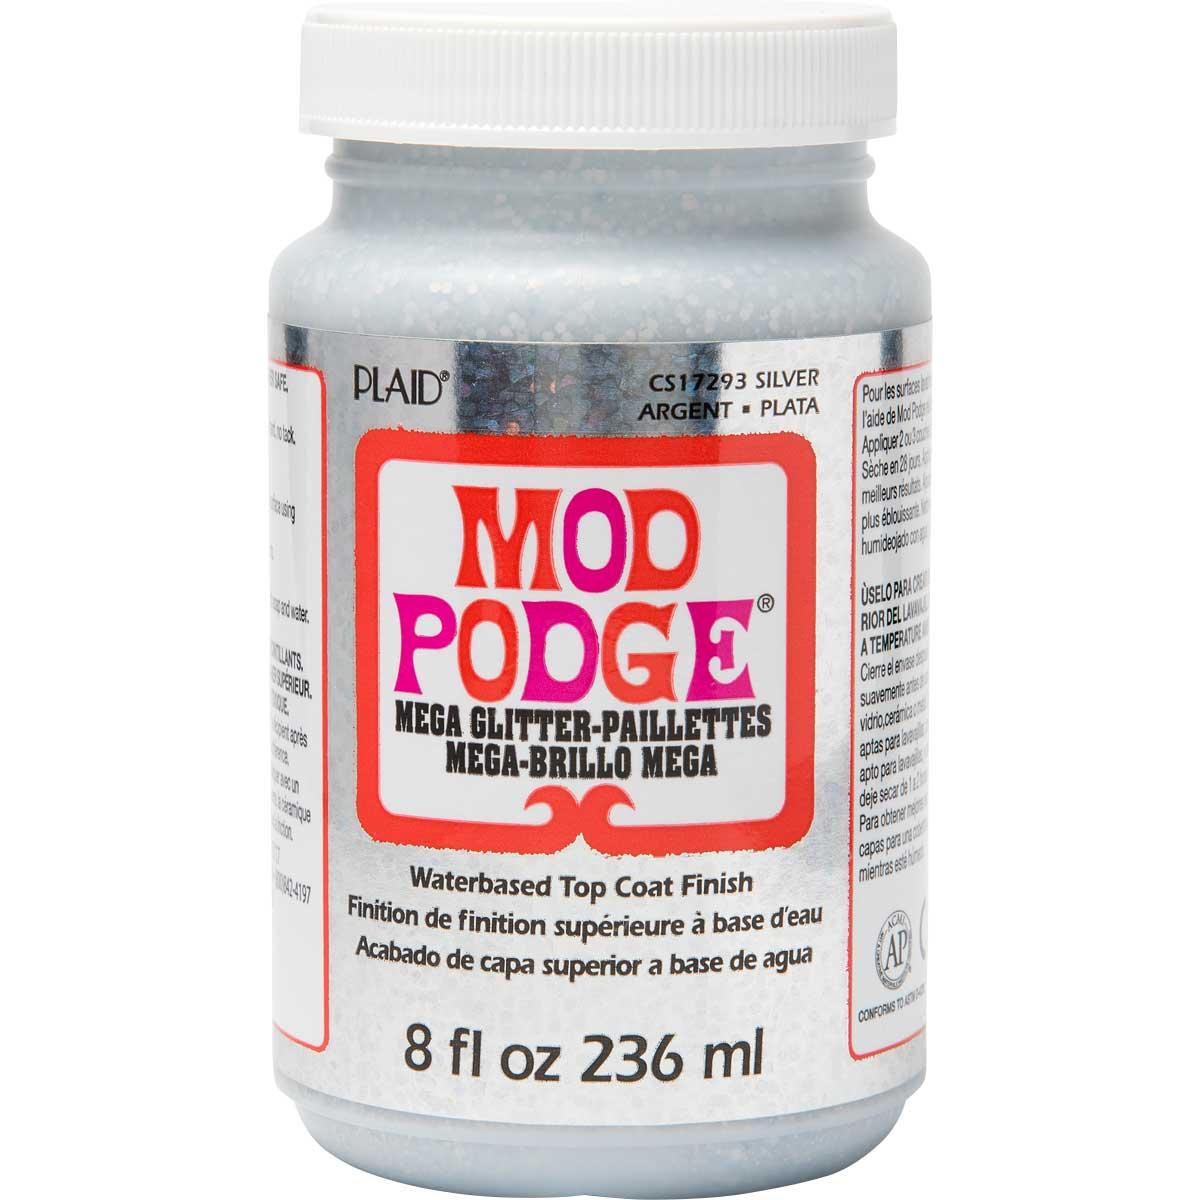 Mod Podge ® Mega Glitter - Silver, 8 oz.